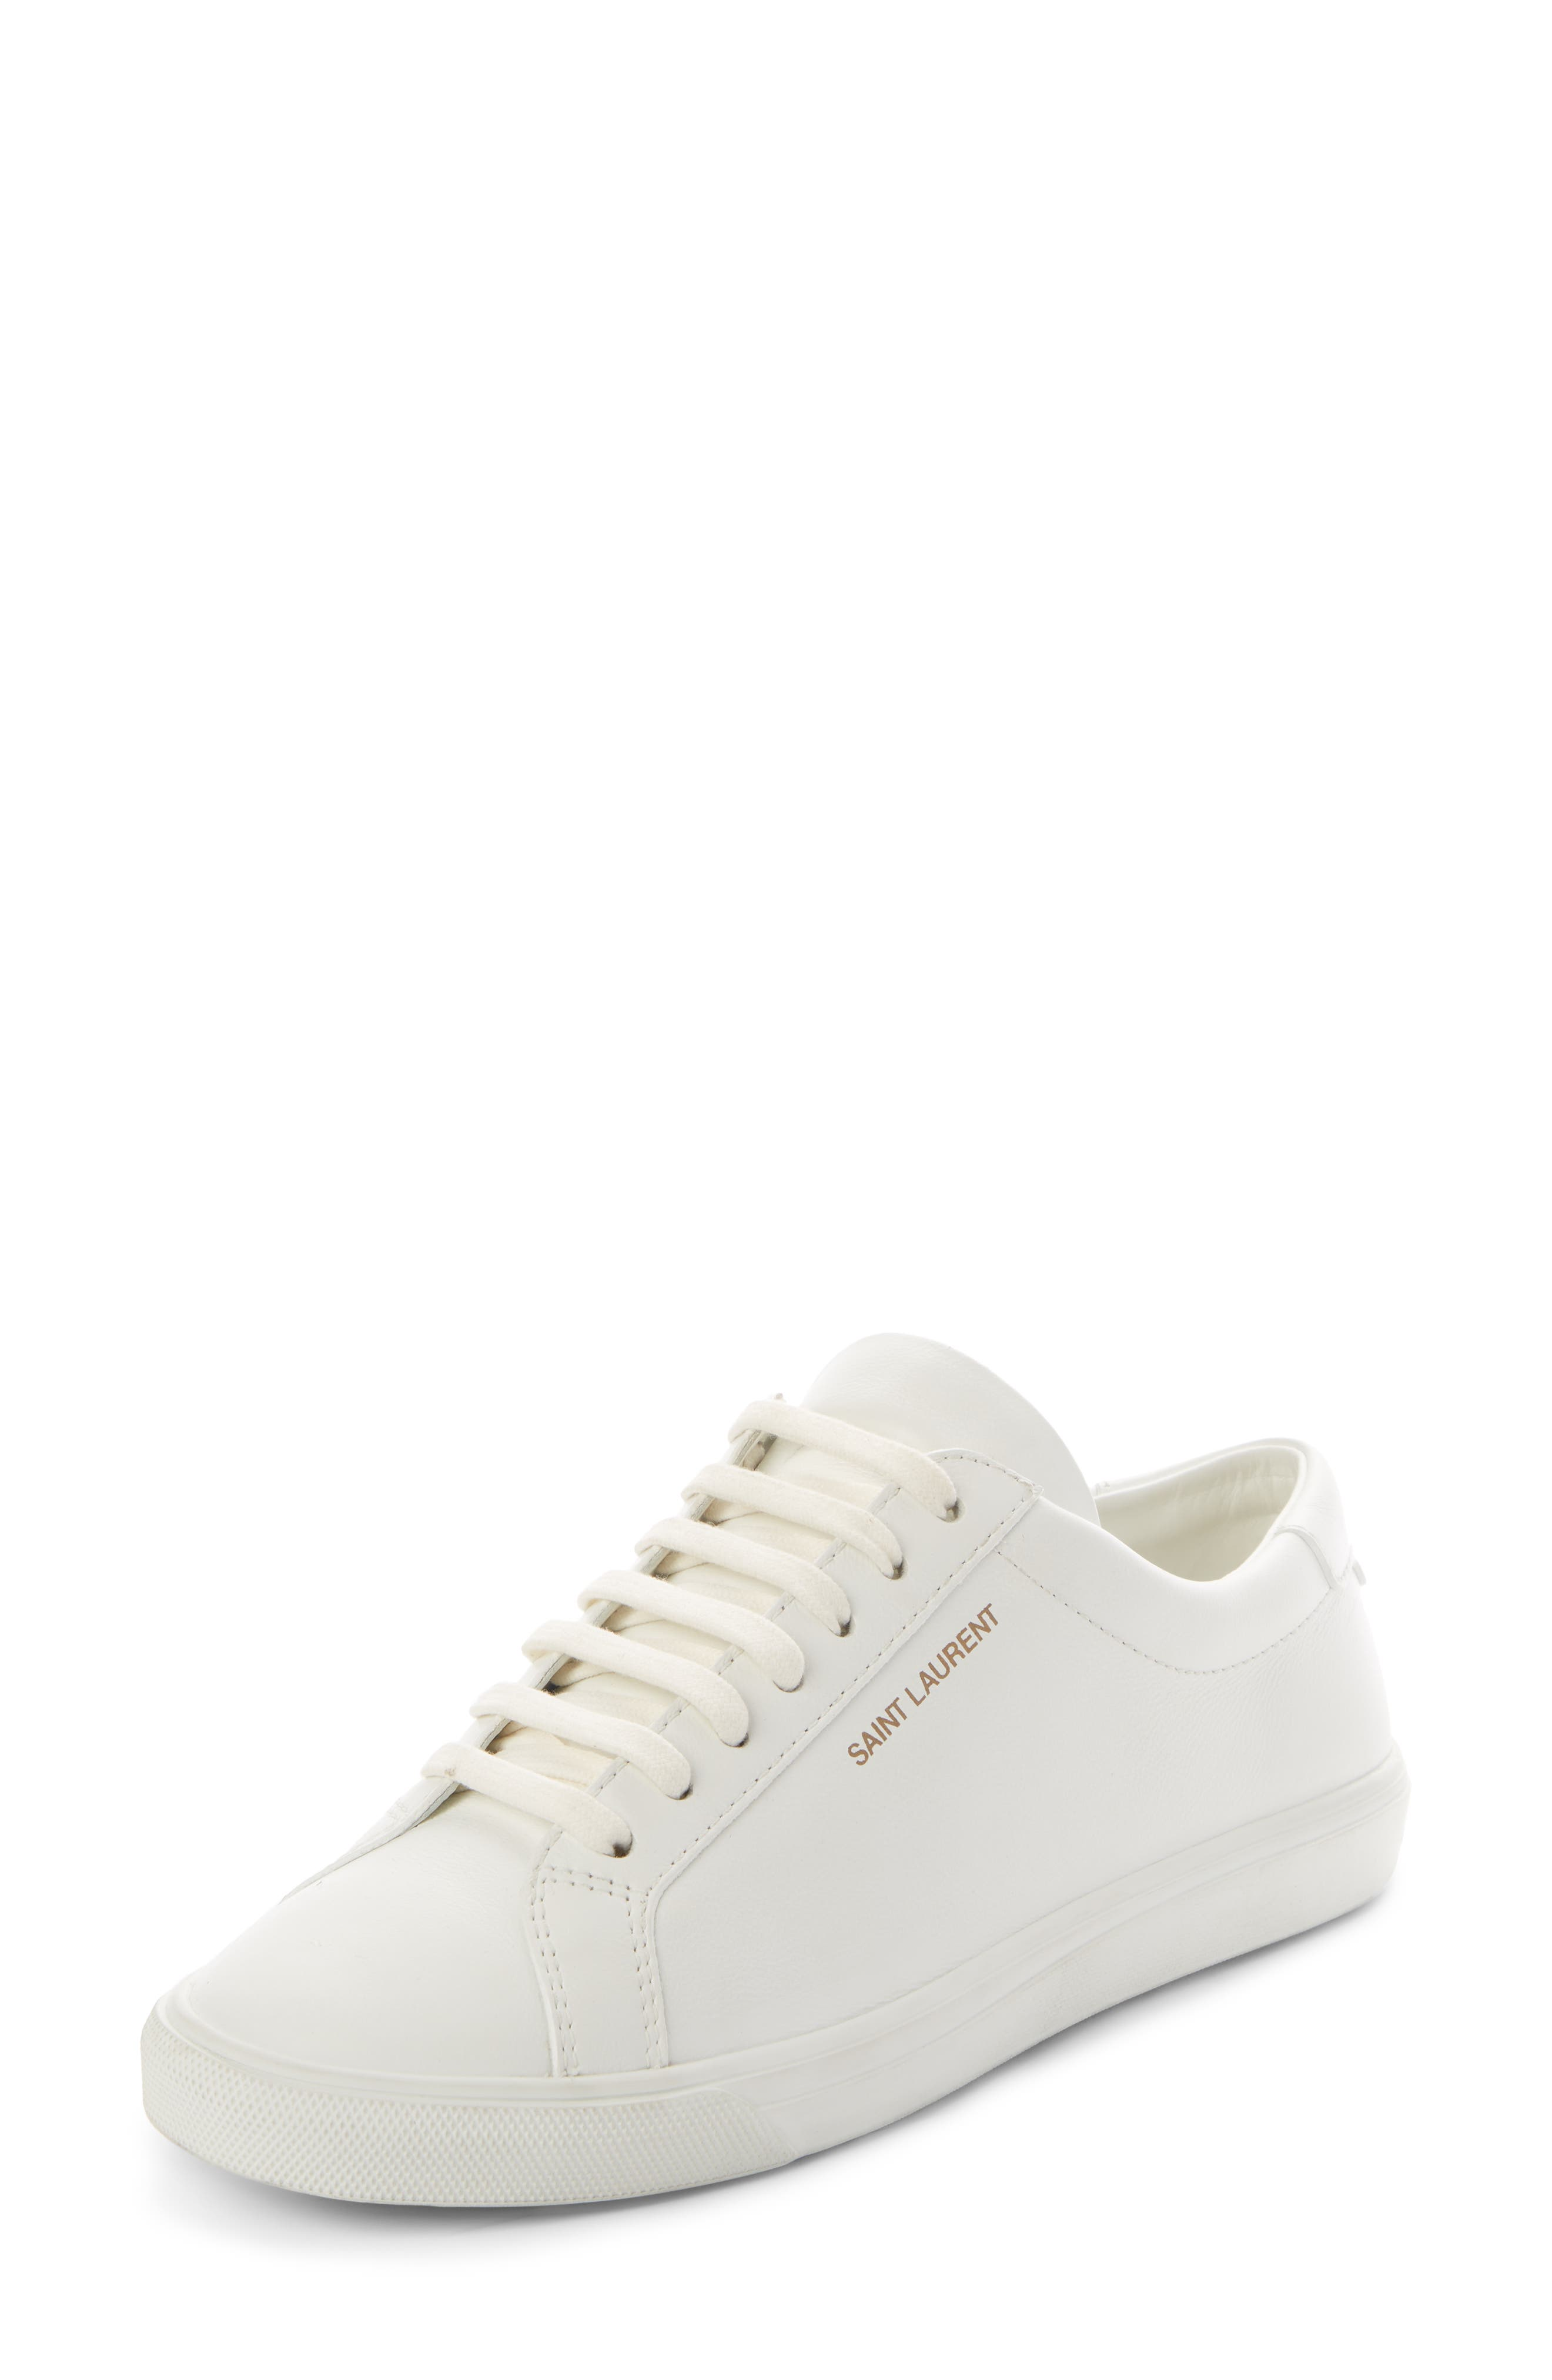 yves saint laurent shoes women, OFF 73